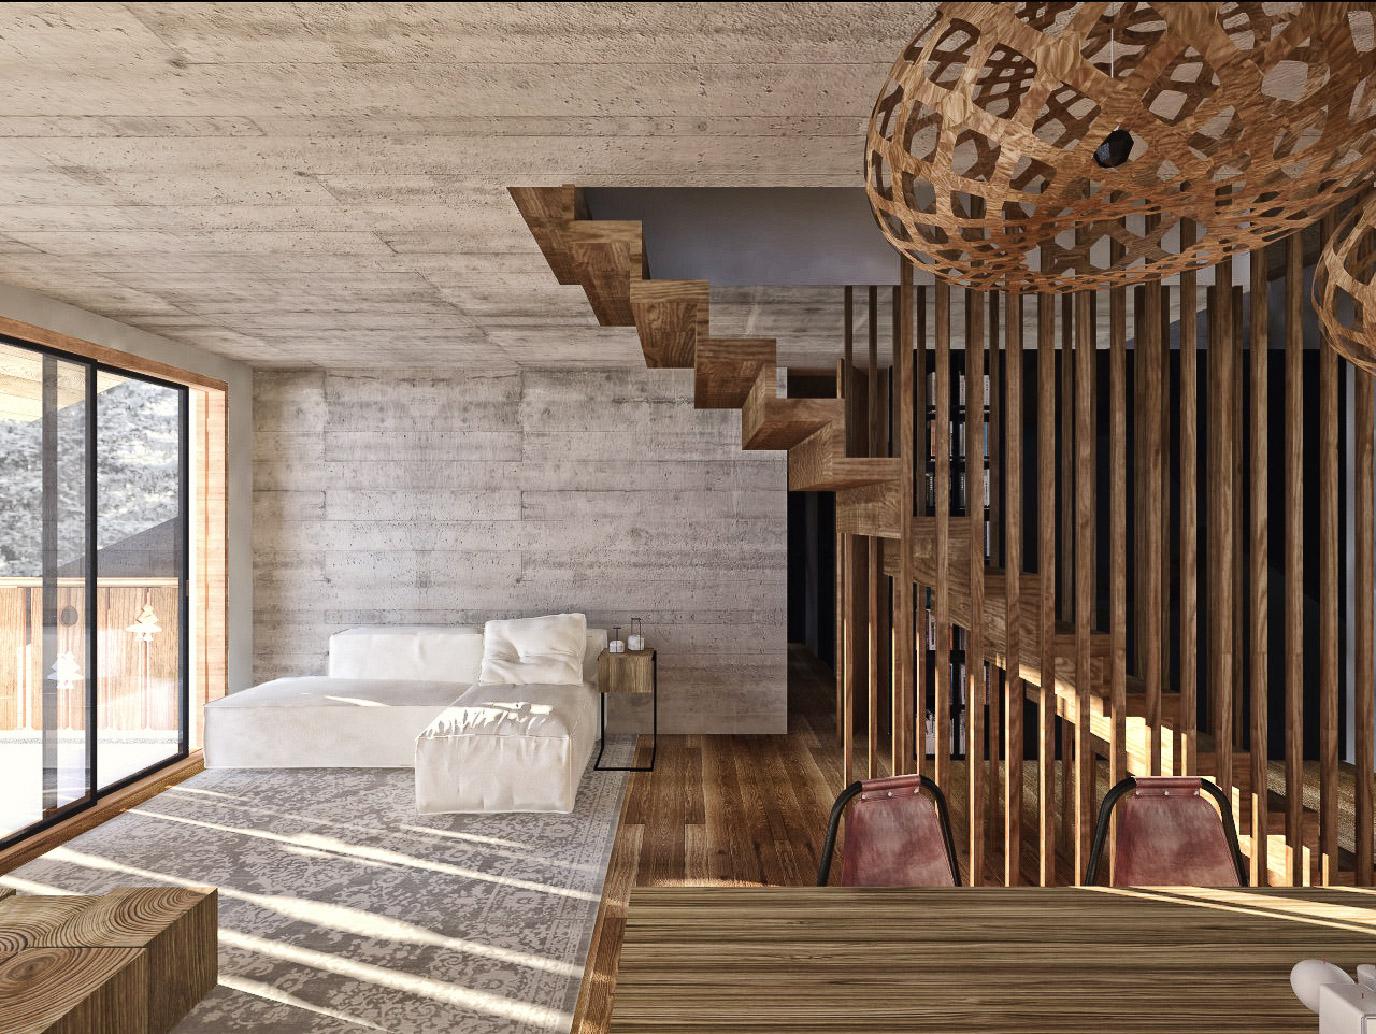 architecte-lyonnais-projet-travaux-rénovation-appartement-aménagement-interieur-montagne-alpes-courchevel-4